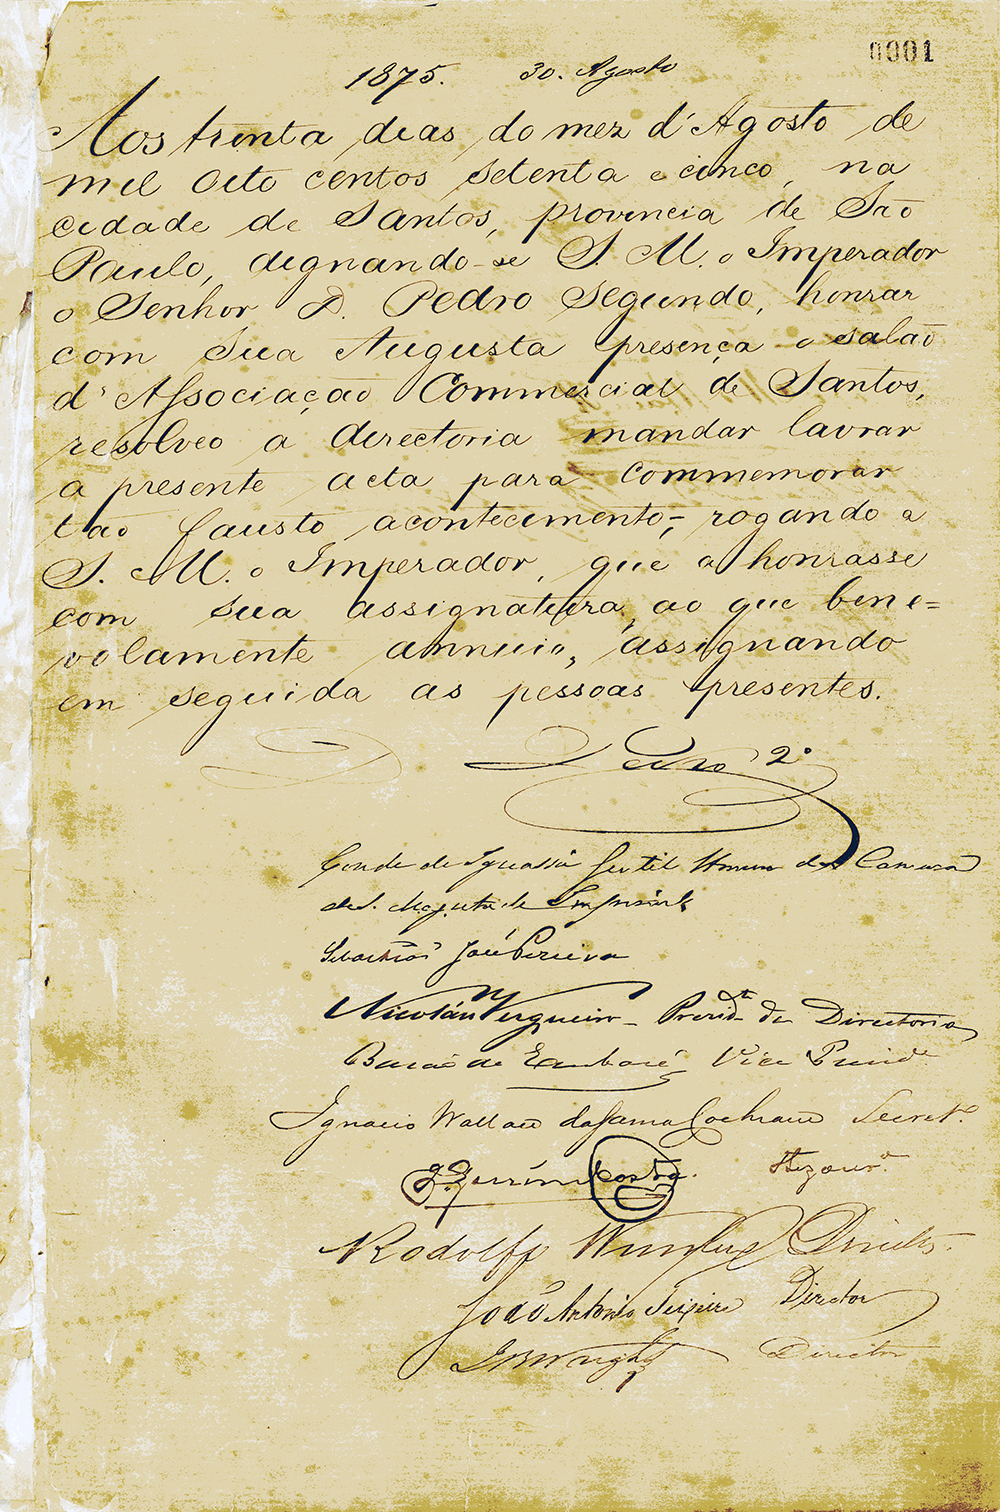 Ata de estreia do Livro, com o destaque para a assinatura do imperador D. Pedro, que assinava o 2º em numeral, e não em romano.